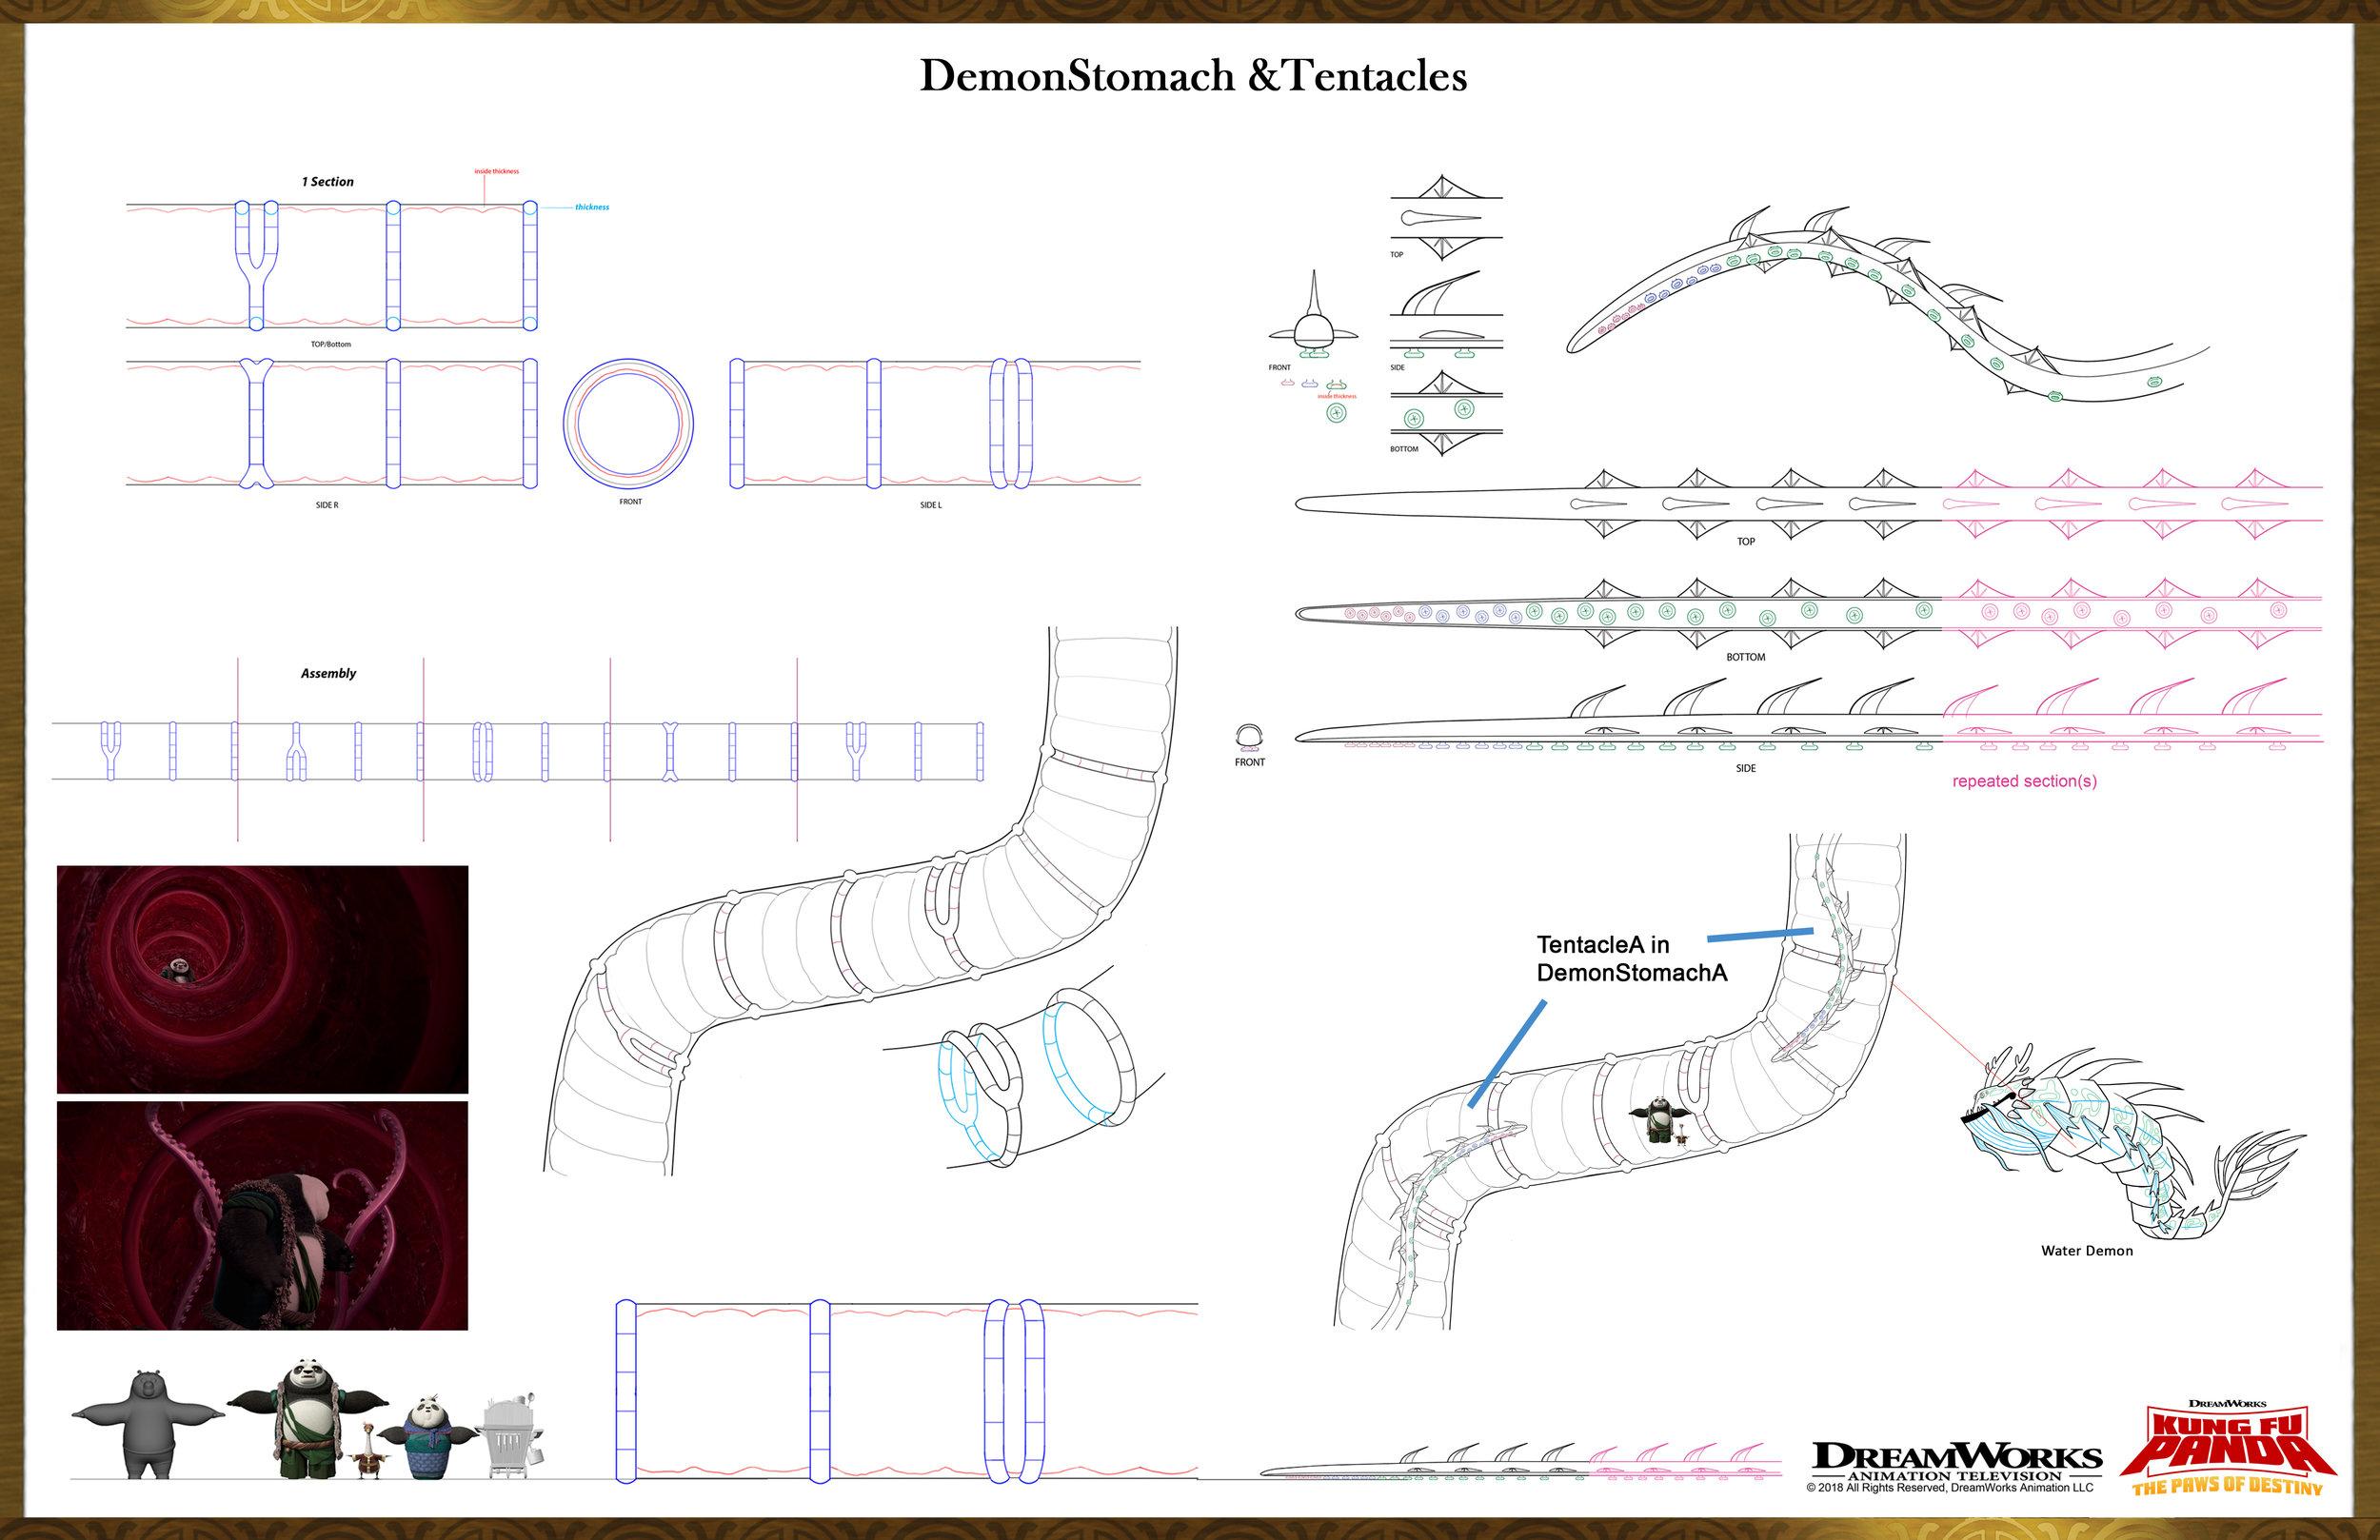 KFV_DemonStomachA_Final_PP_v001.jpg